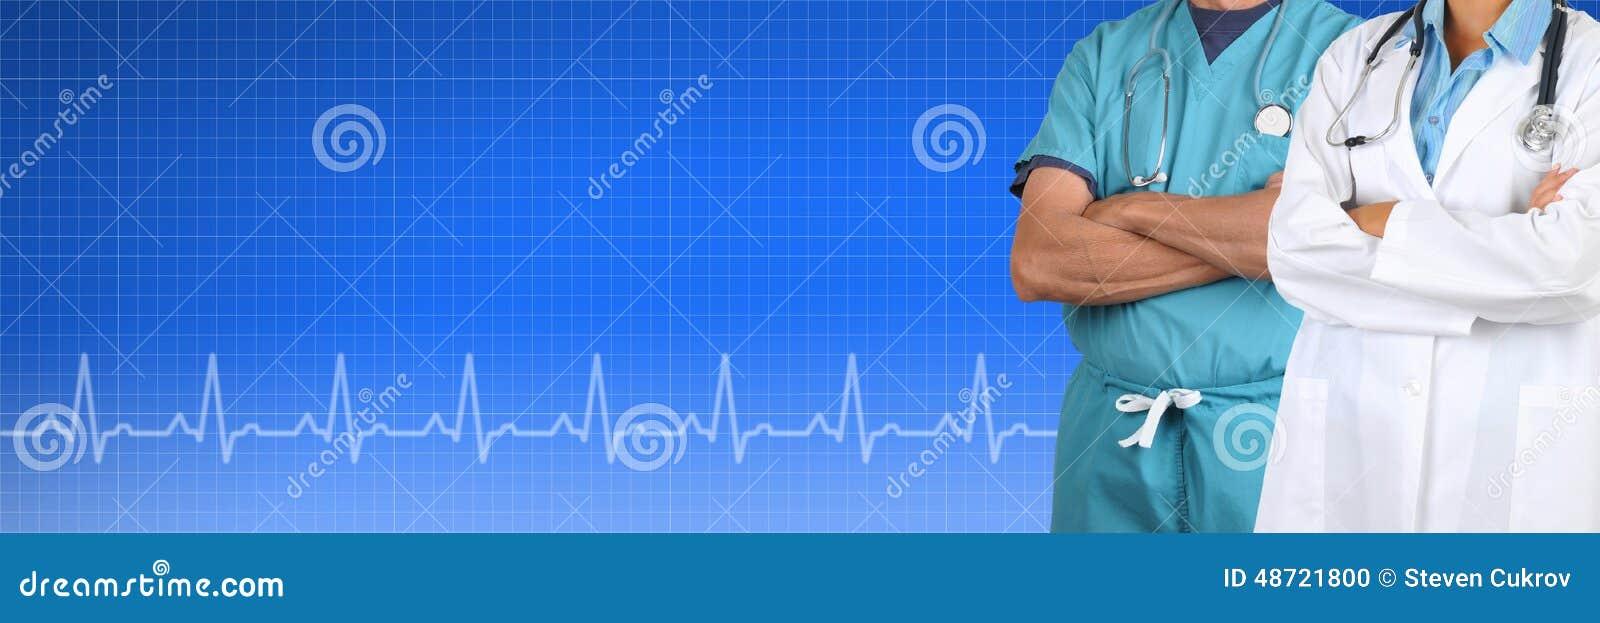 两医生Medical Banner